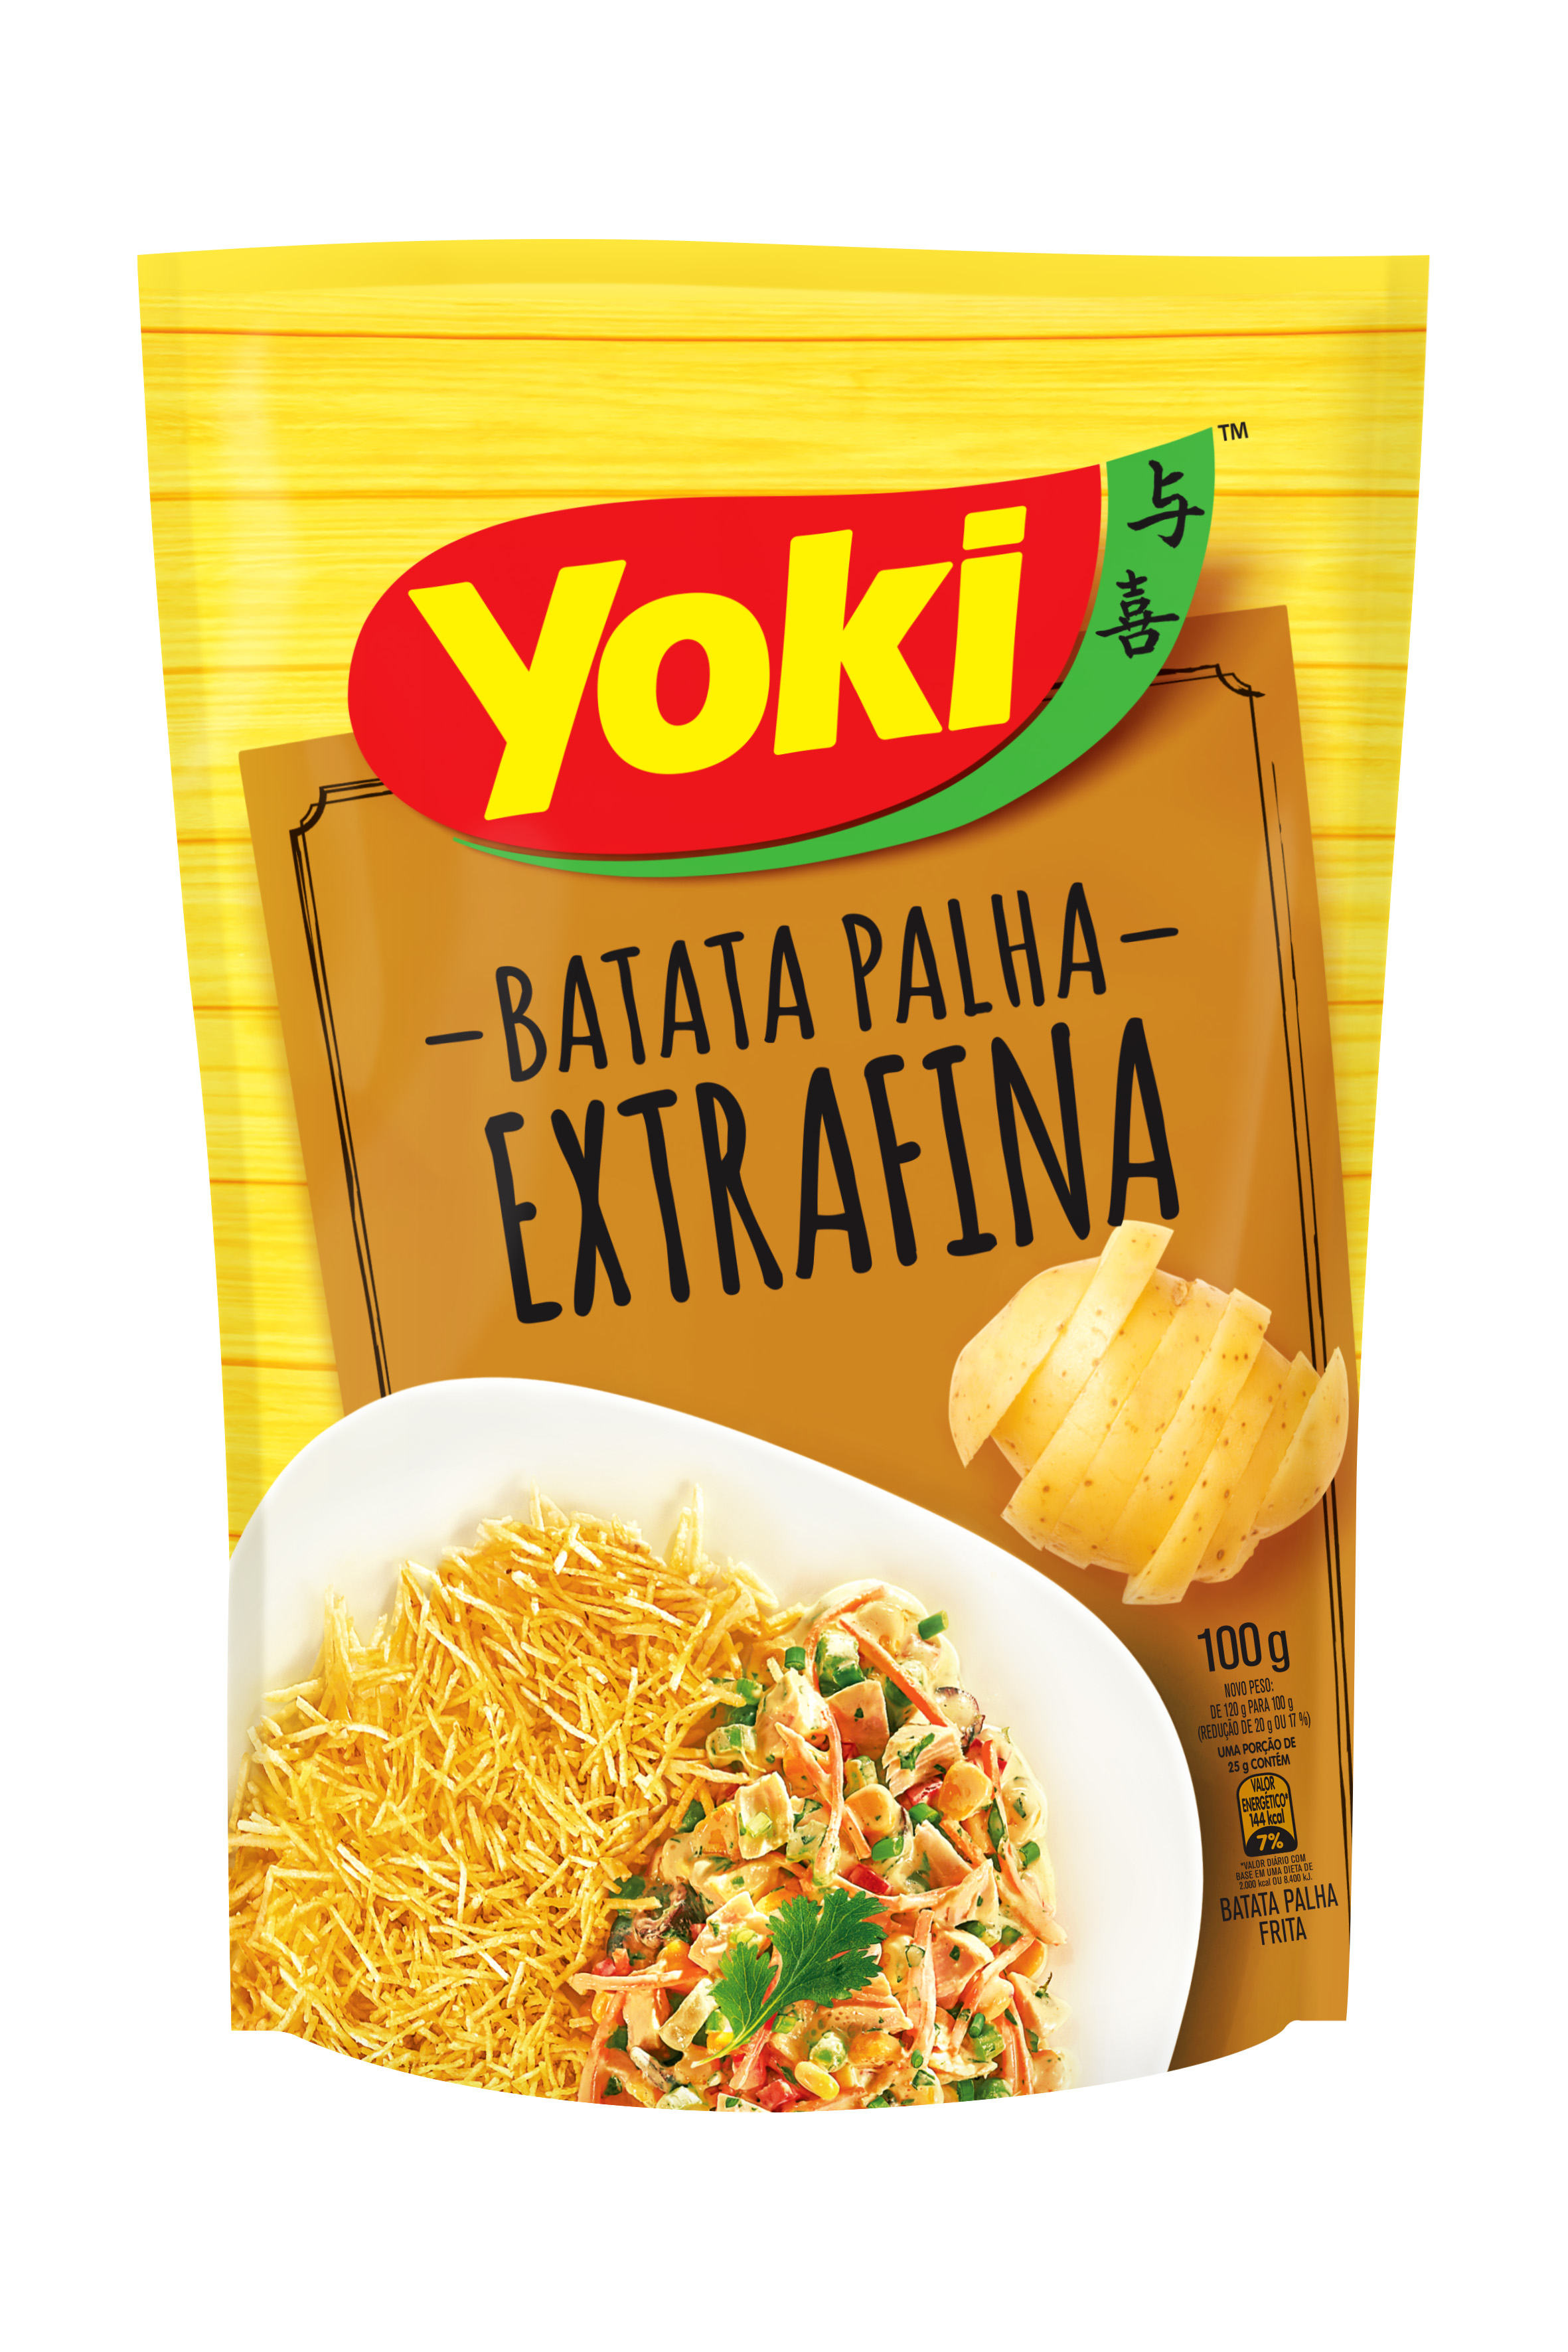 Batata Yoki Palha Extra Fina